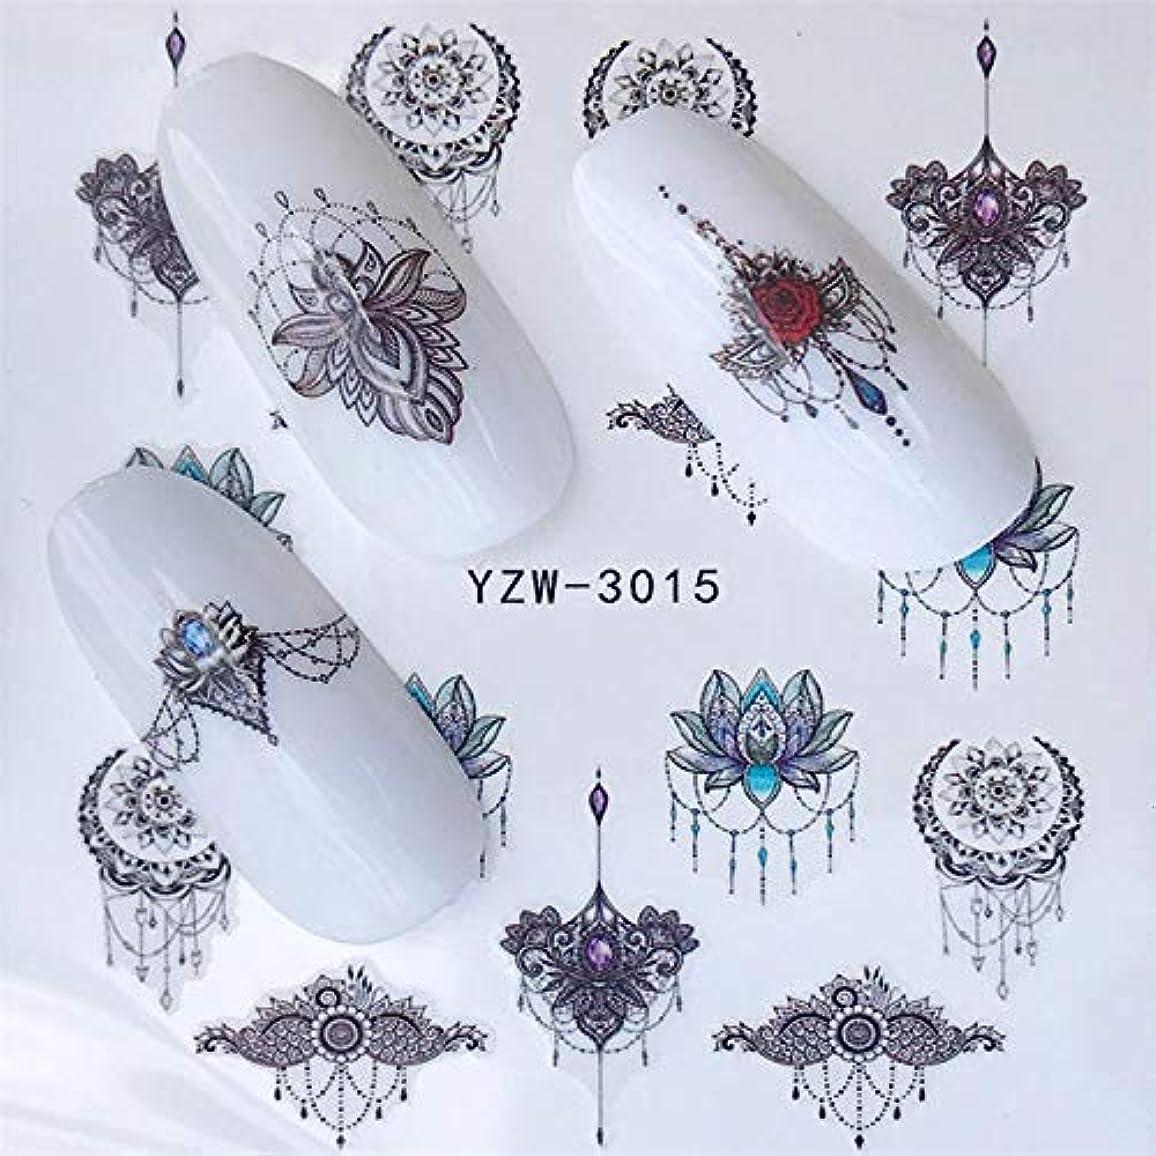 ピーブ早熟竜巻SUKTI&XIAO ネイルステッカー 10枚の水デカールネイルアートネイルステッカースライダーケーキネガティブスペースフラワーカラフルなヒントDiyネイルデカール装飾、Yzw-3015